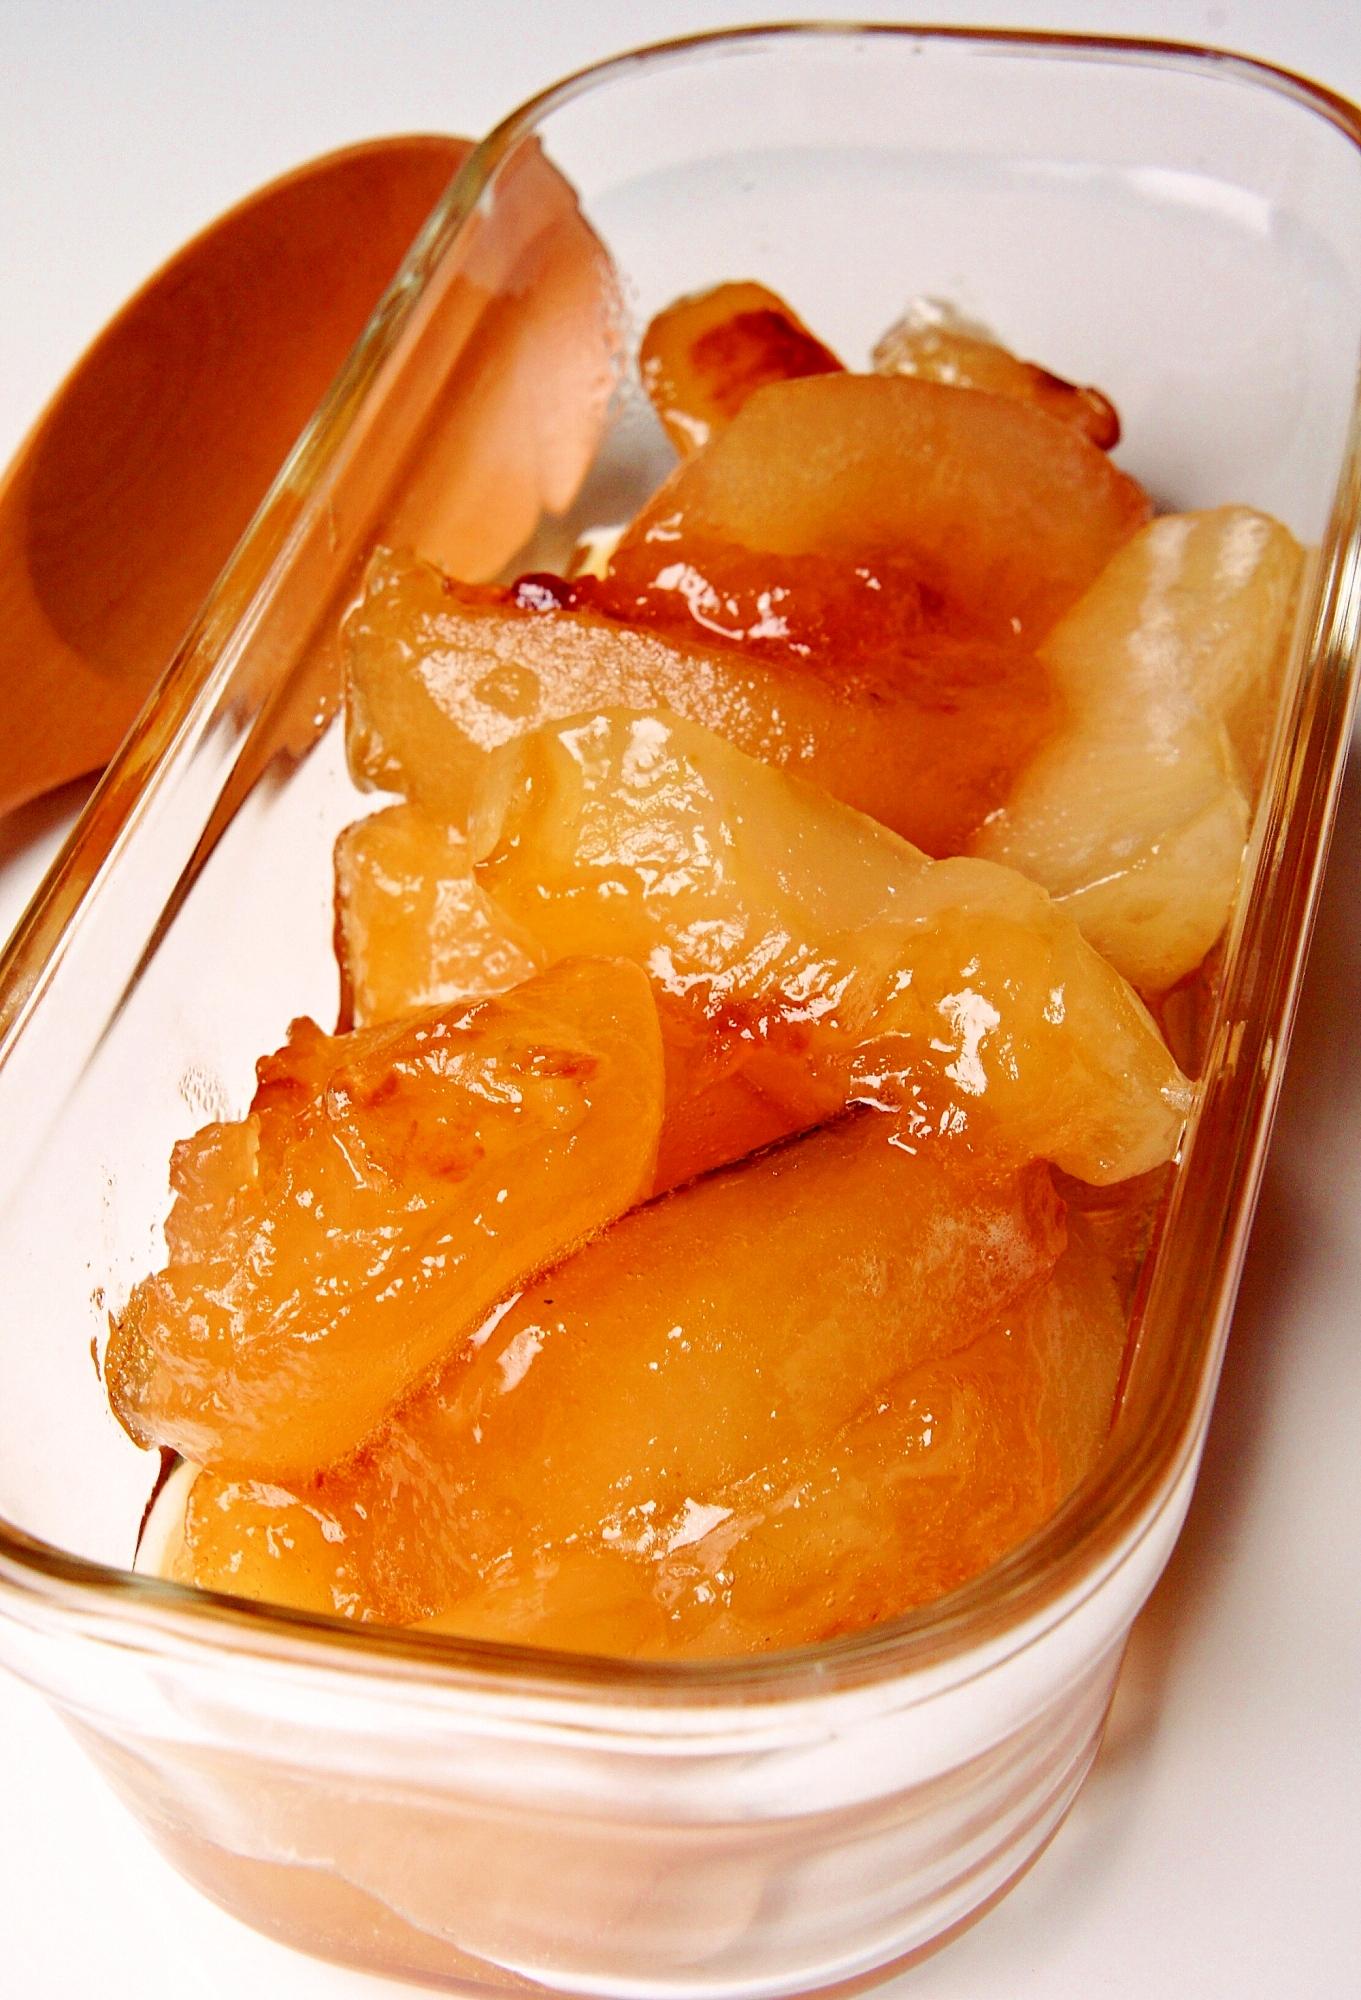 コトコト煮るだけ♪はちみつりんごのコンポート レシピ・作り方 by すたーびんぐ|楽天レシピ